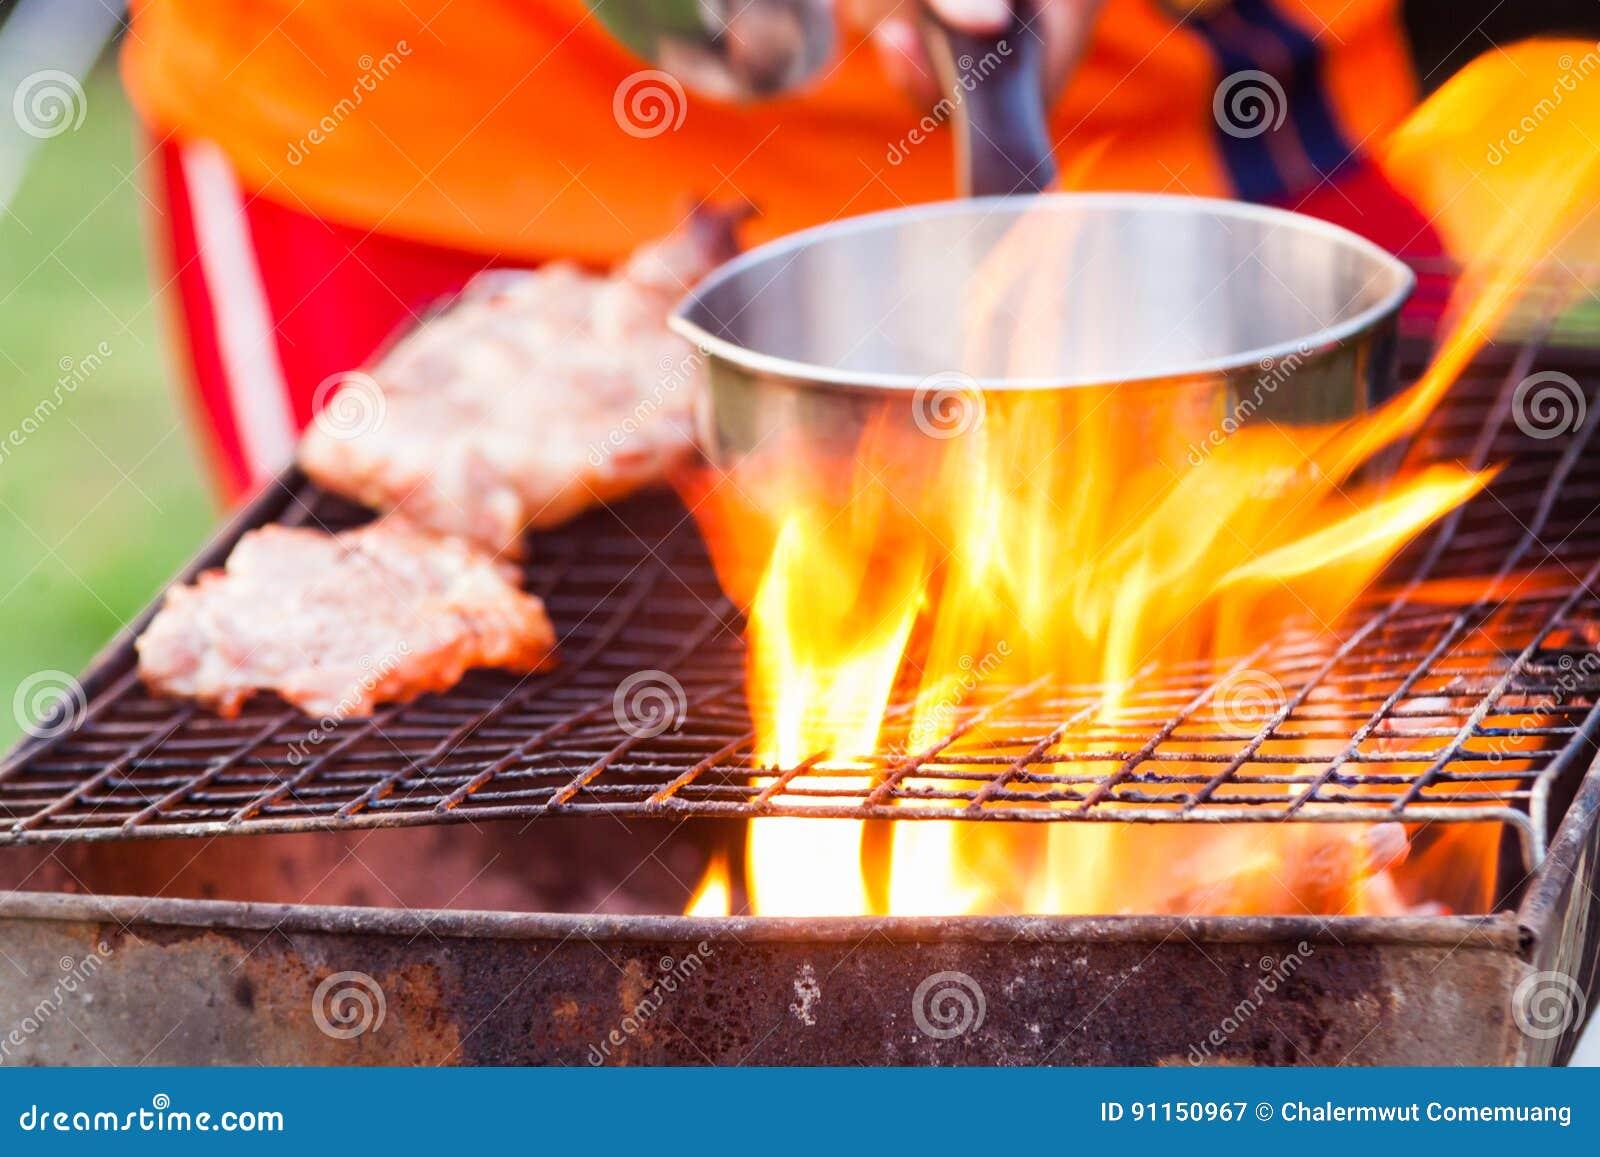 De barbecue op een eenvoudige manier in wildernis, verzamelt stenen als grill